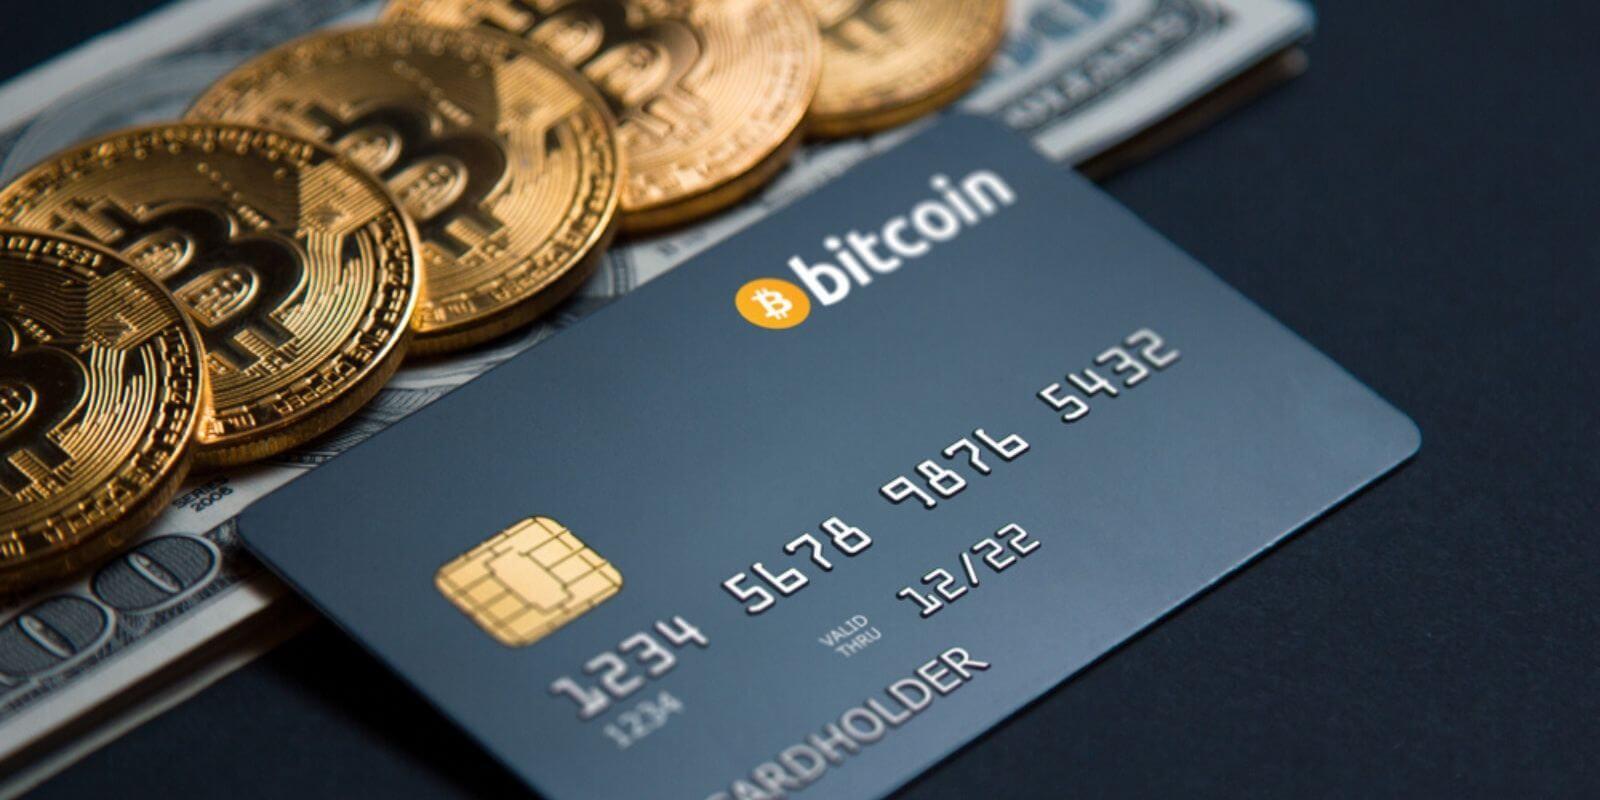 cb bitcoin